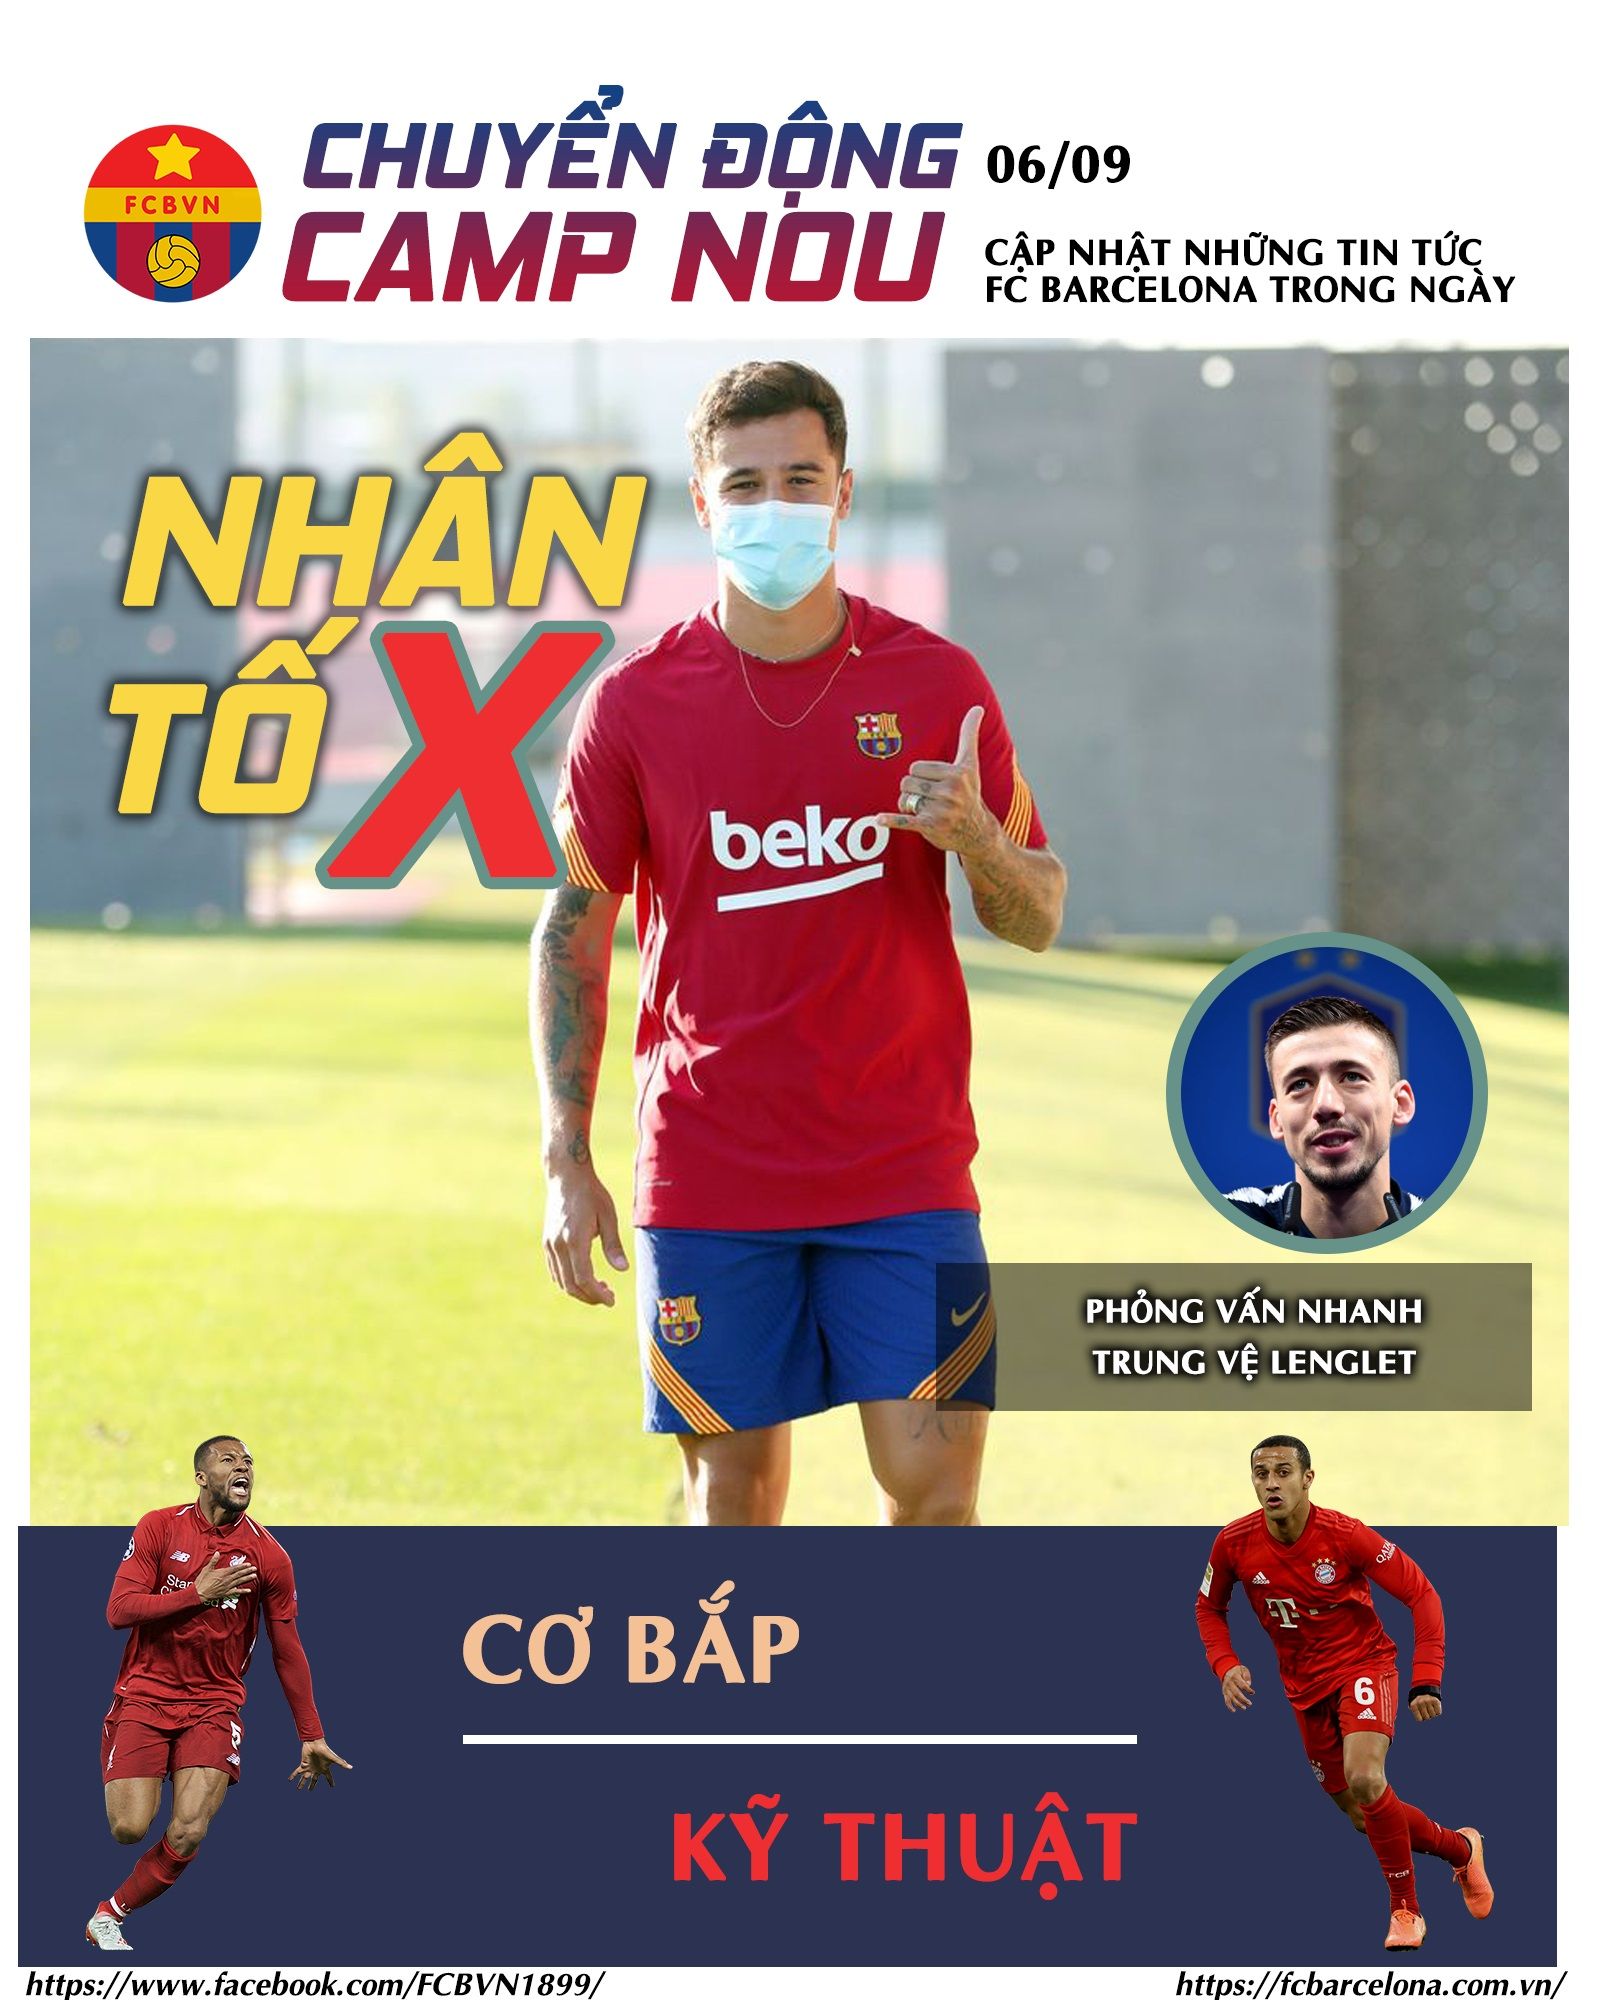 [Chuyển động Camp Nou] ngày 06-9-2020